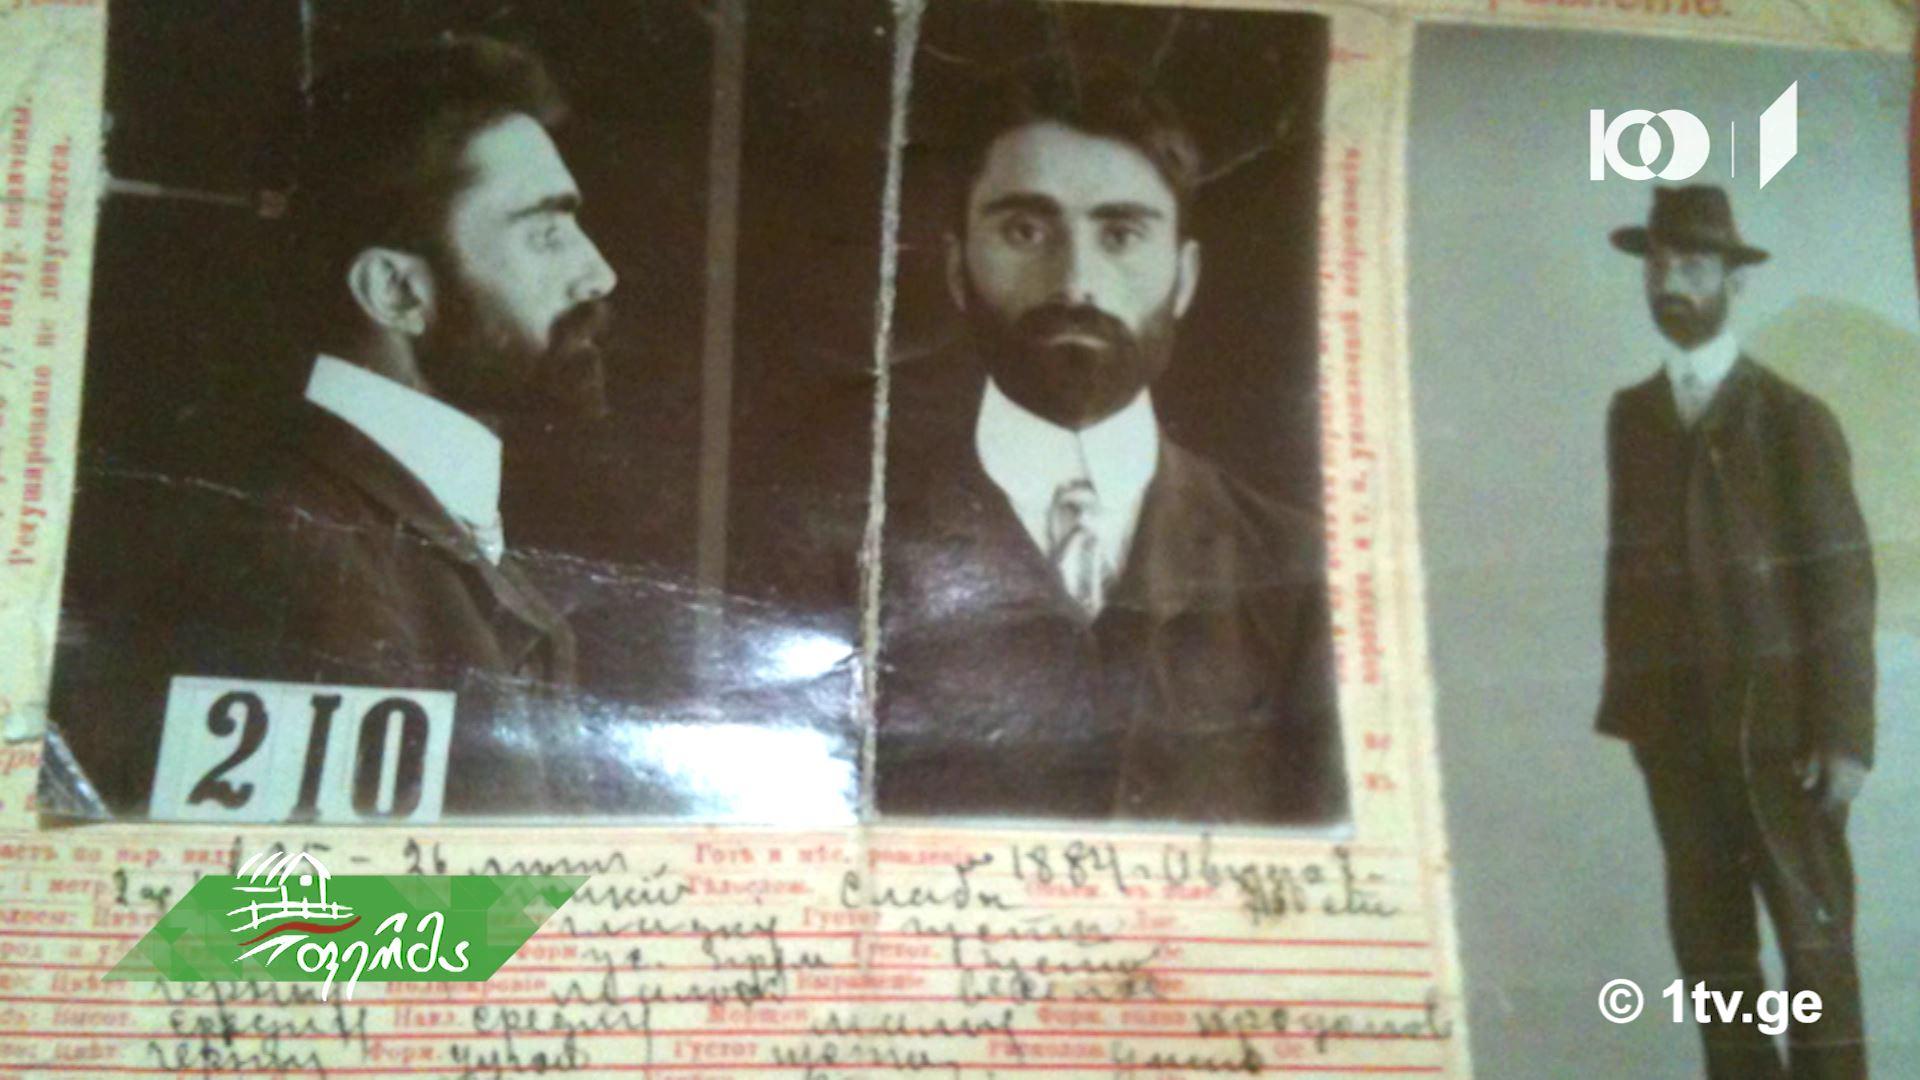 #გაიგემეტი  1918-1921 წლებში მიმდინარე რეფორმები და ქართული სოფლის მეურნეობის ევროპული გეზი